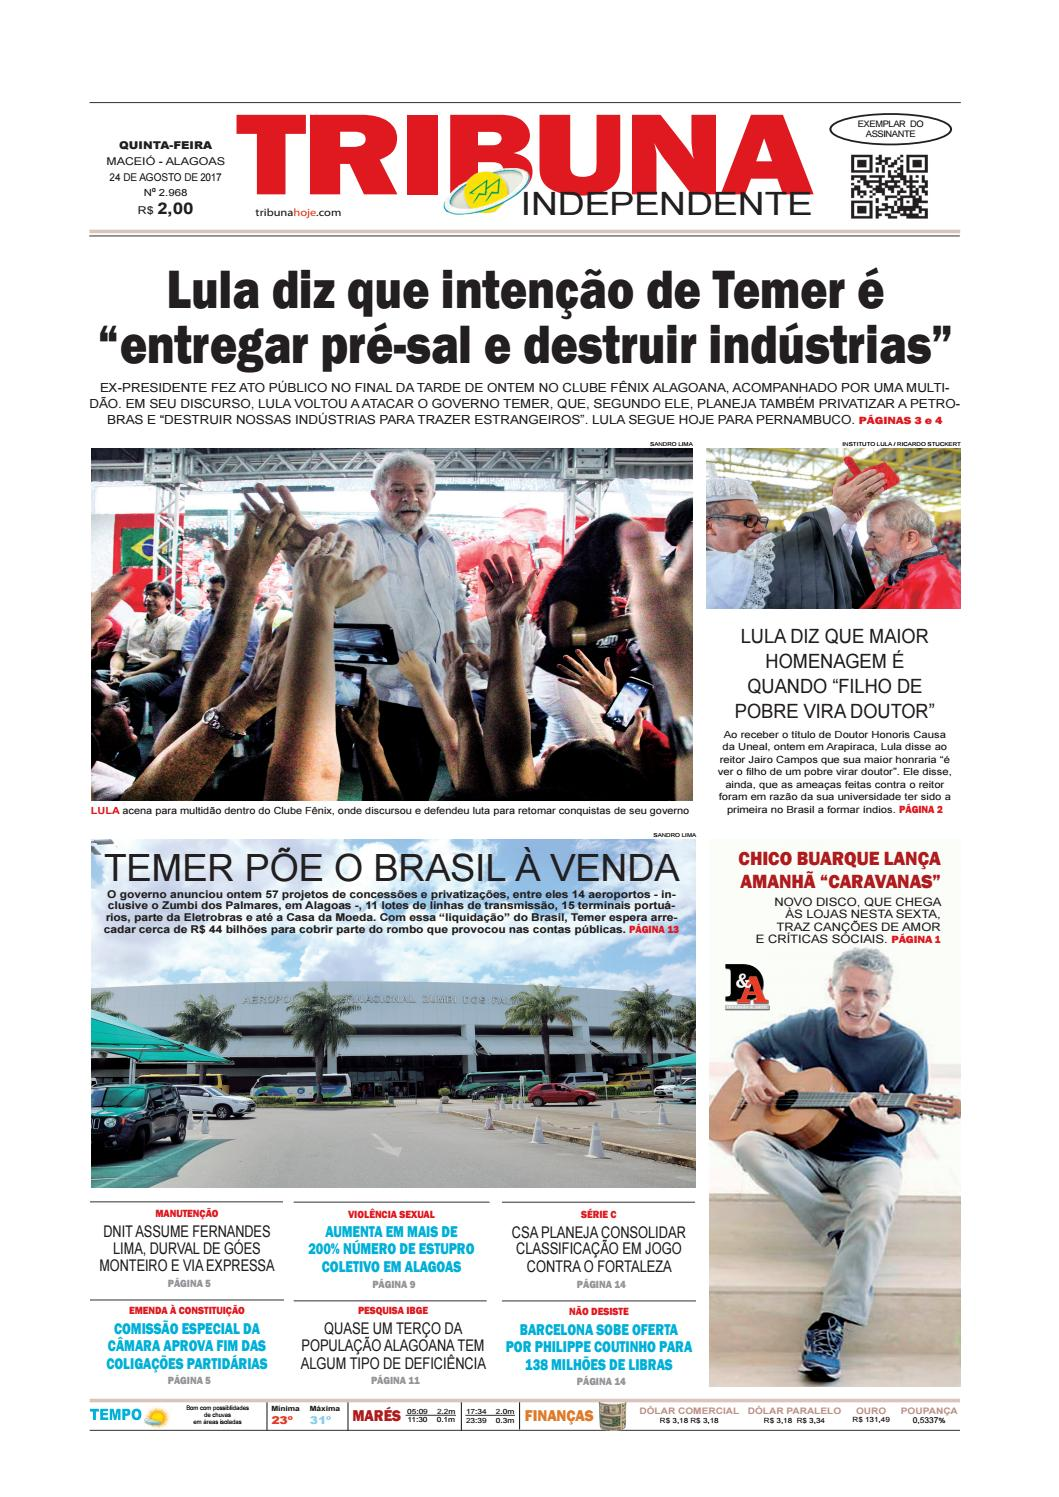 53a640dde17 Edição número 2968 - 24 de agosto de 2017 by Tribuna Hoje - issuu